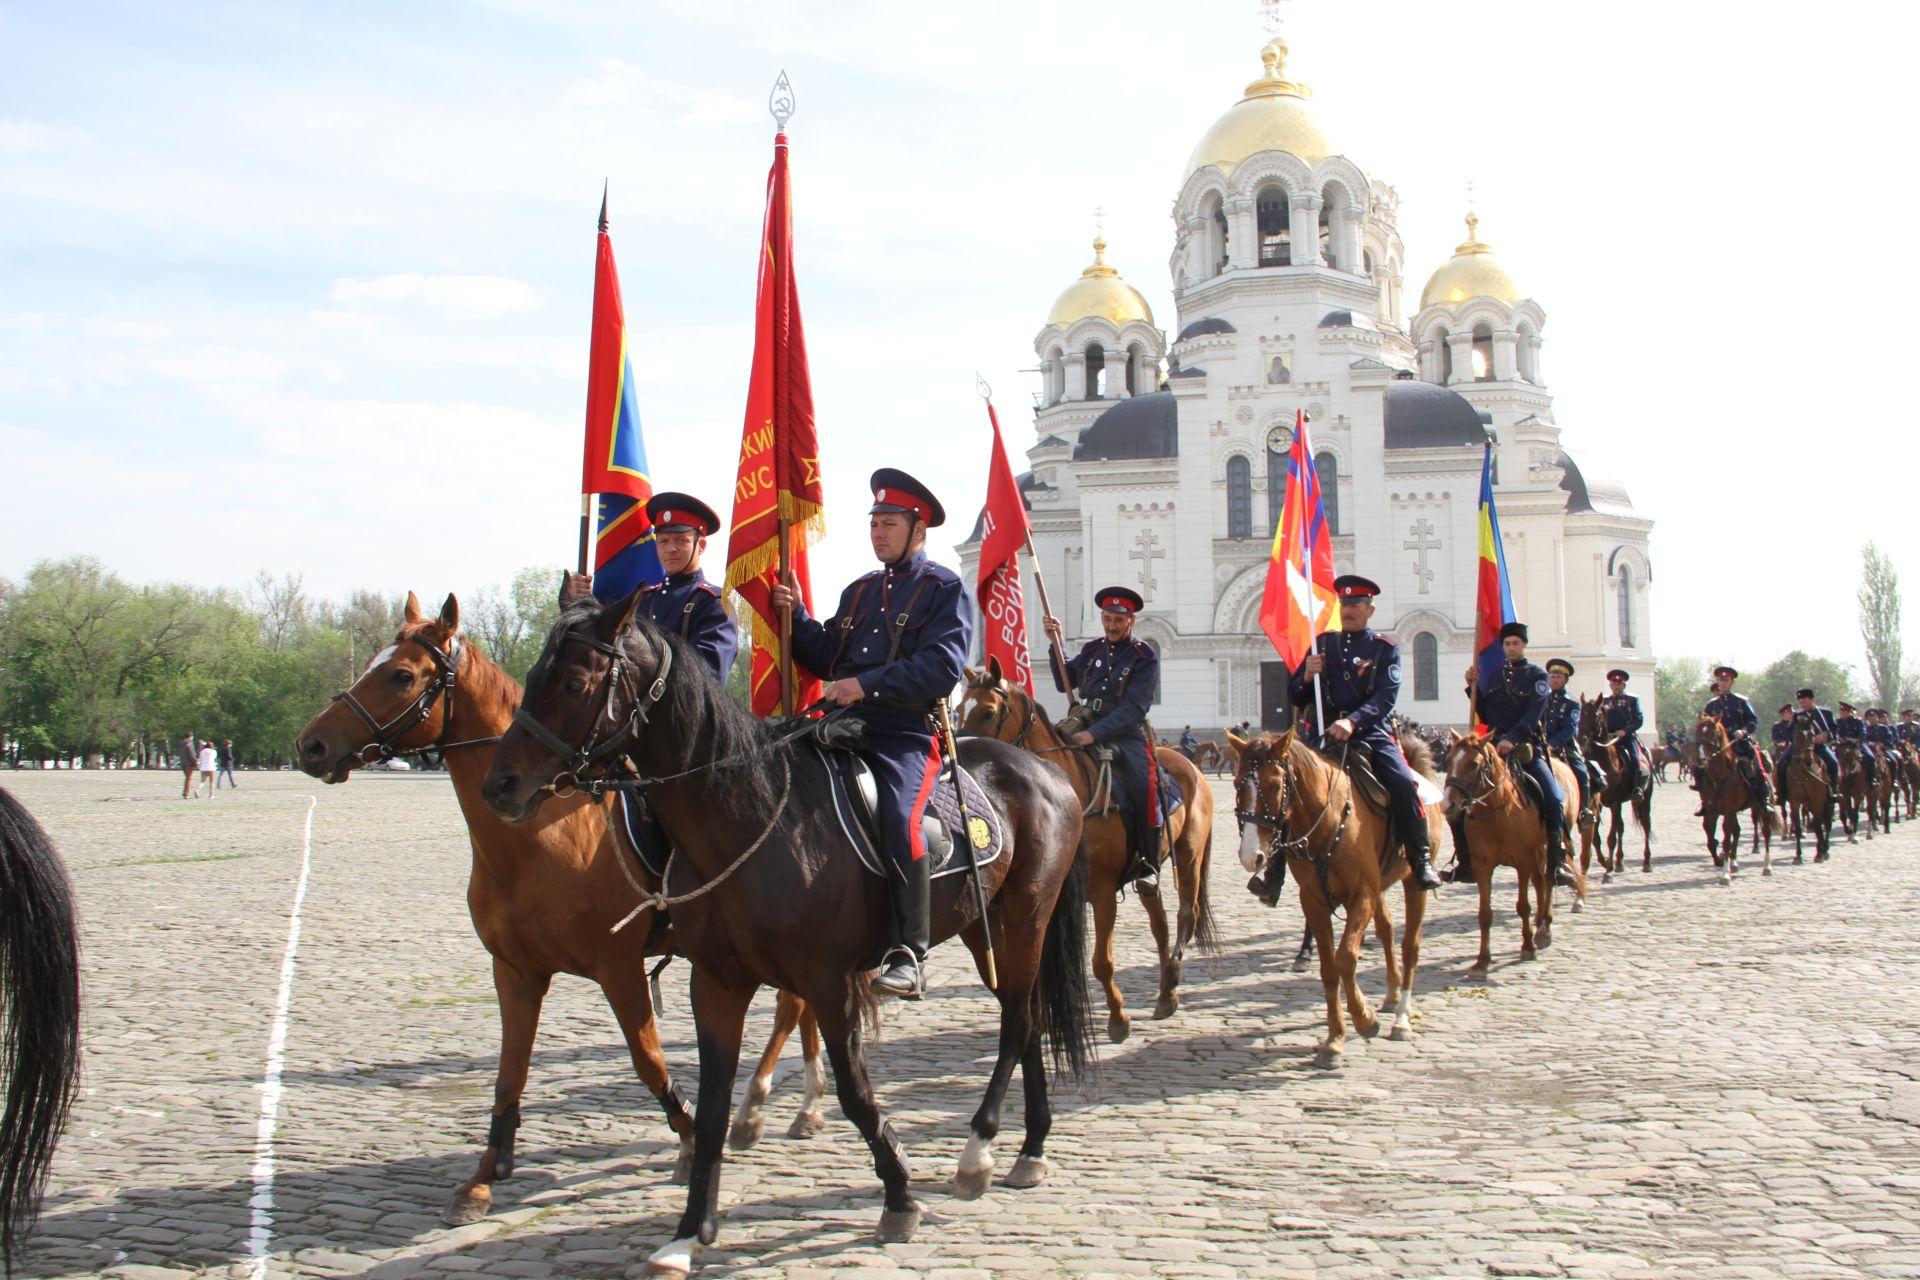 14 октября в Новочеркасске пройдут мероприятия, посвященные Празднику Покрова Пресвятой Богородицы